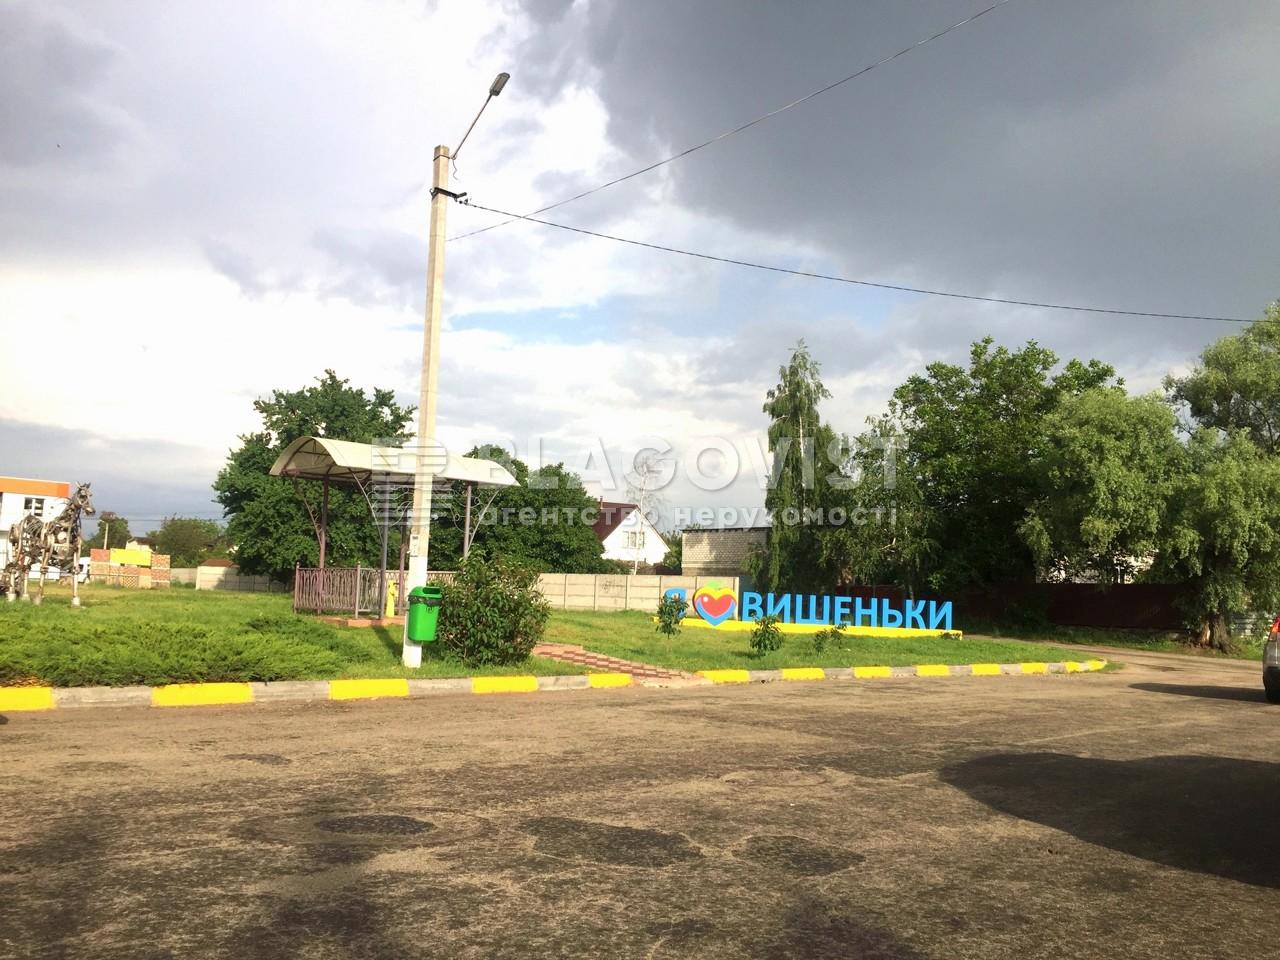 Земельный участок P-29750, Приозерная, Вишенки - Фото 3